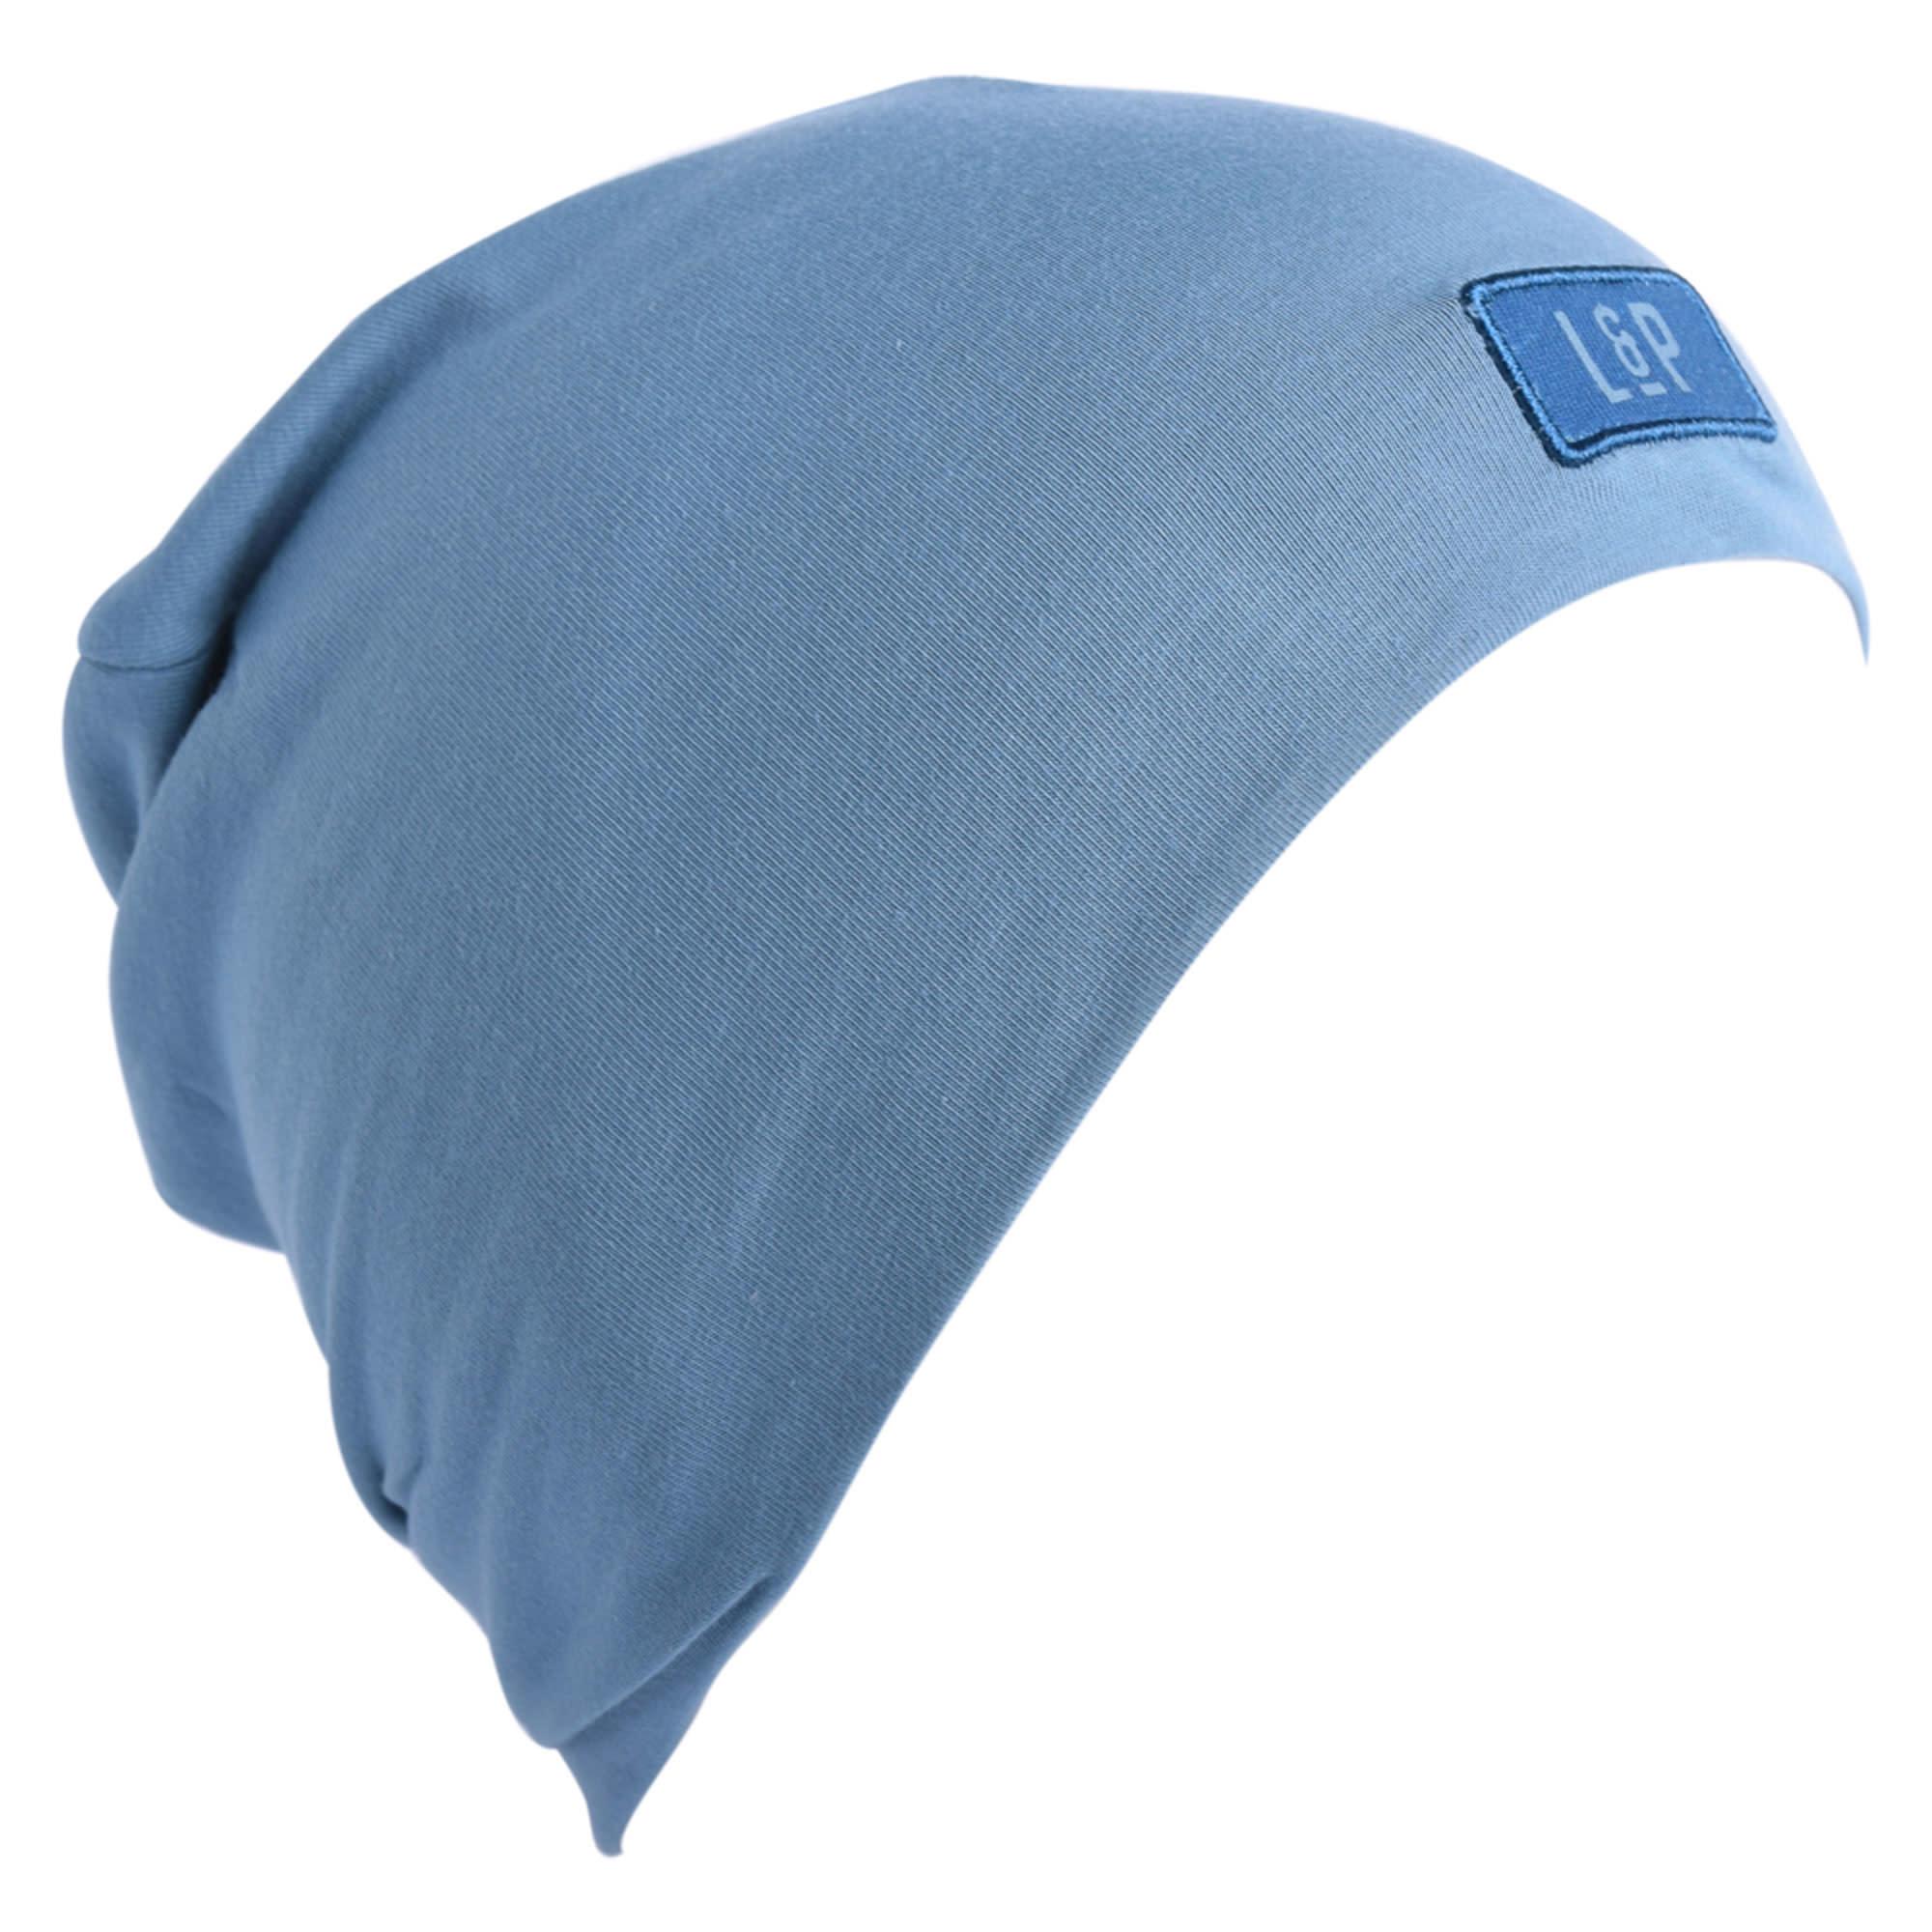 Tuque Coton - BOSTON V20 Bleu Mer-4